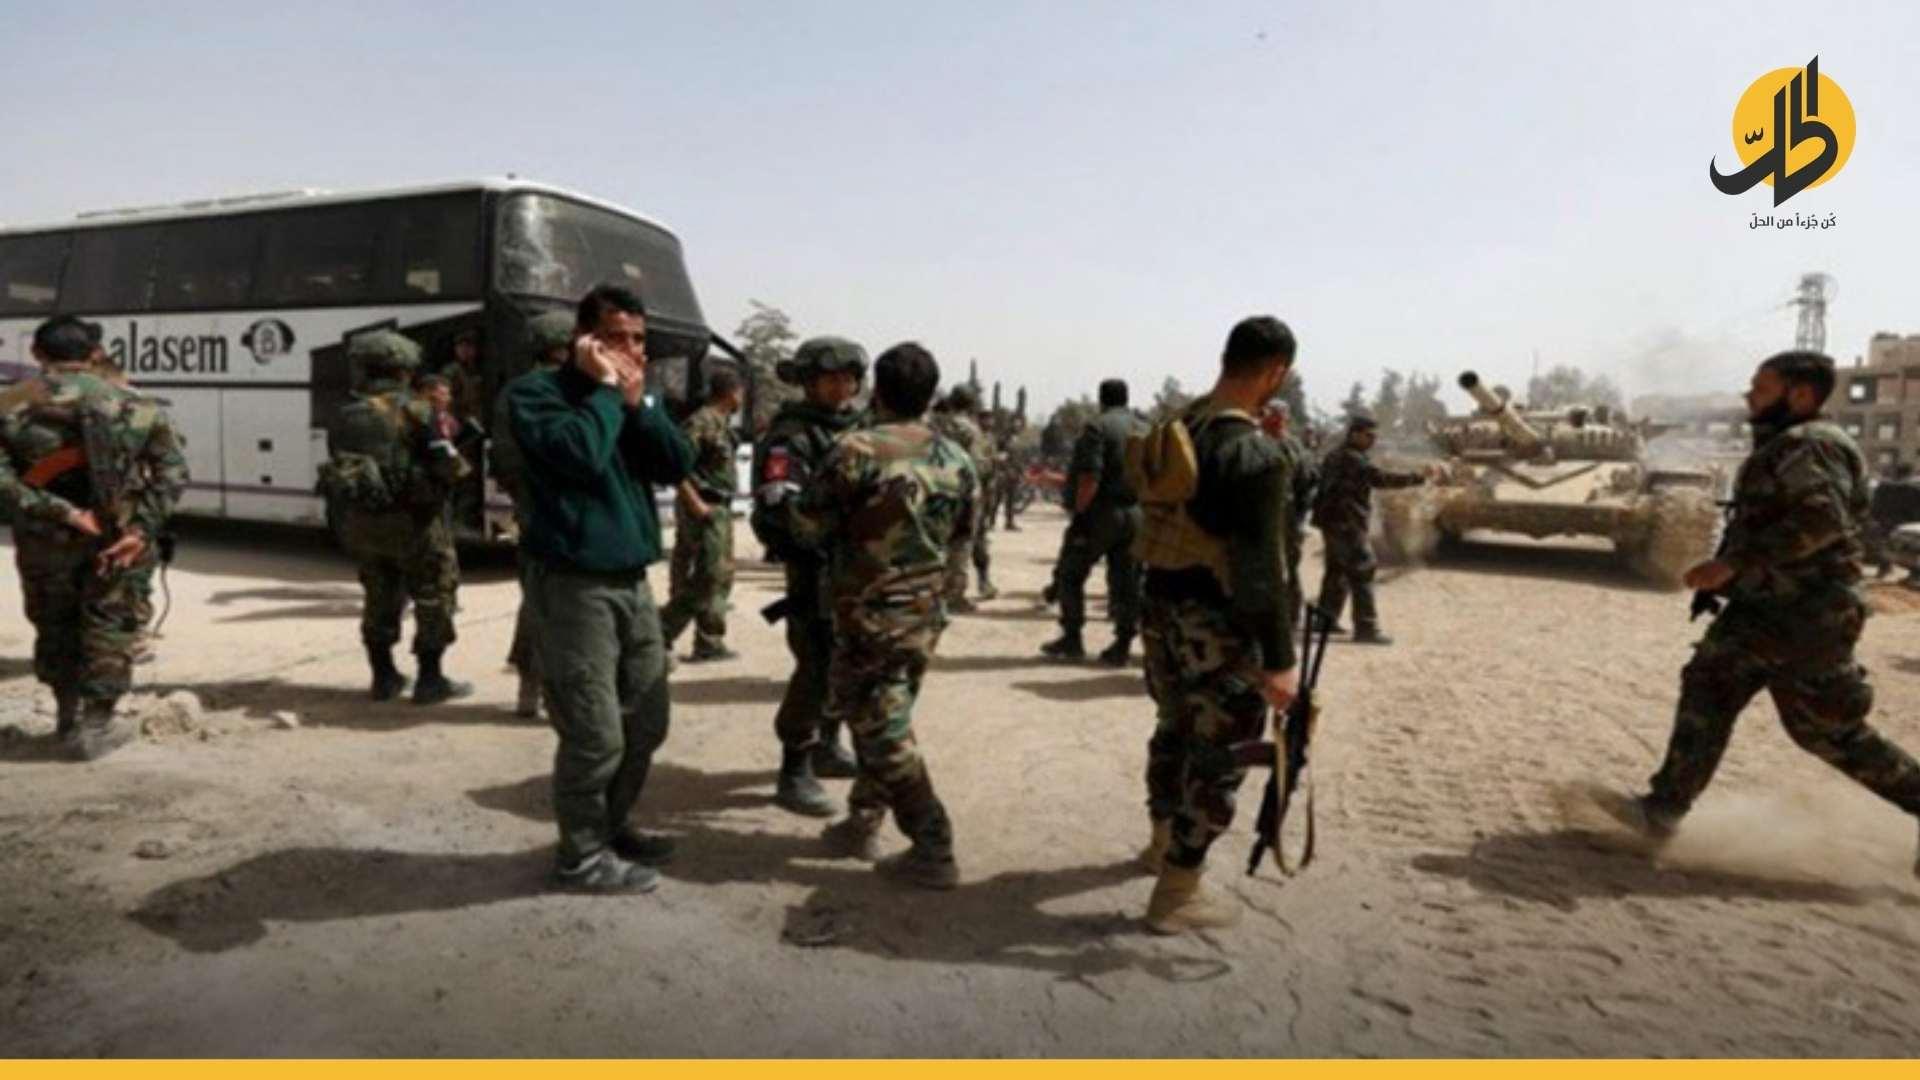 """هروب 4 عناصر من """"داعش"""" كانوا محتجزين في سجنٍ تابع للحرس الثوري بسوريا"""